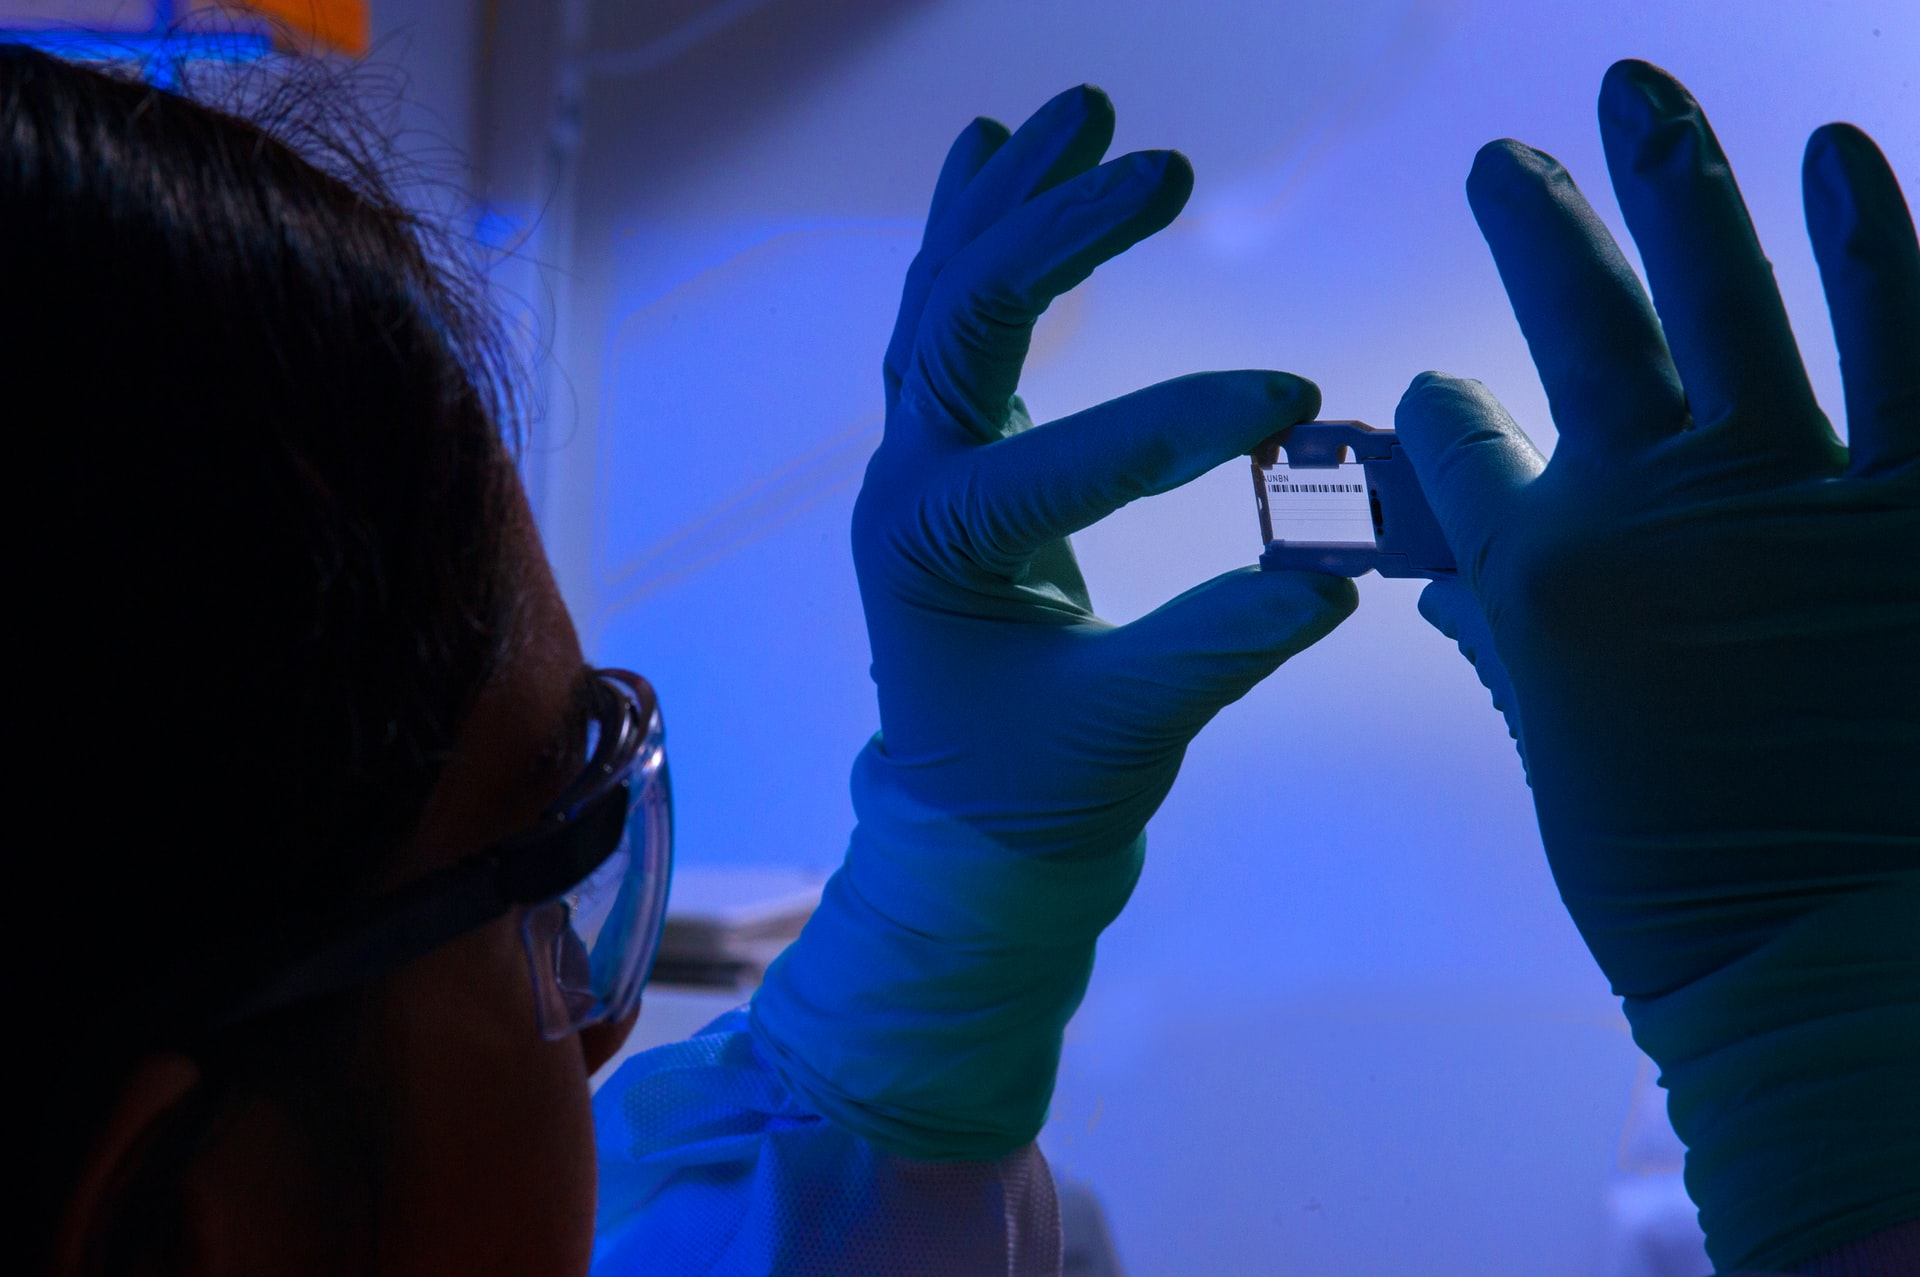 الكشف عن المناعة ضد كورونا: ما هي اختبارات الأجسام المضادة؟